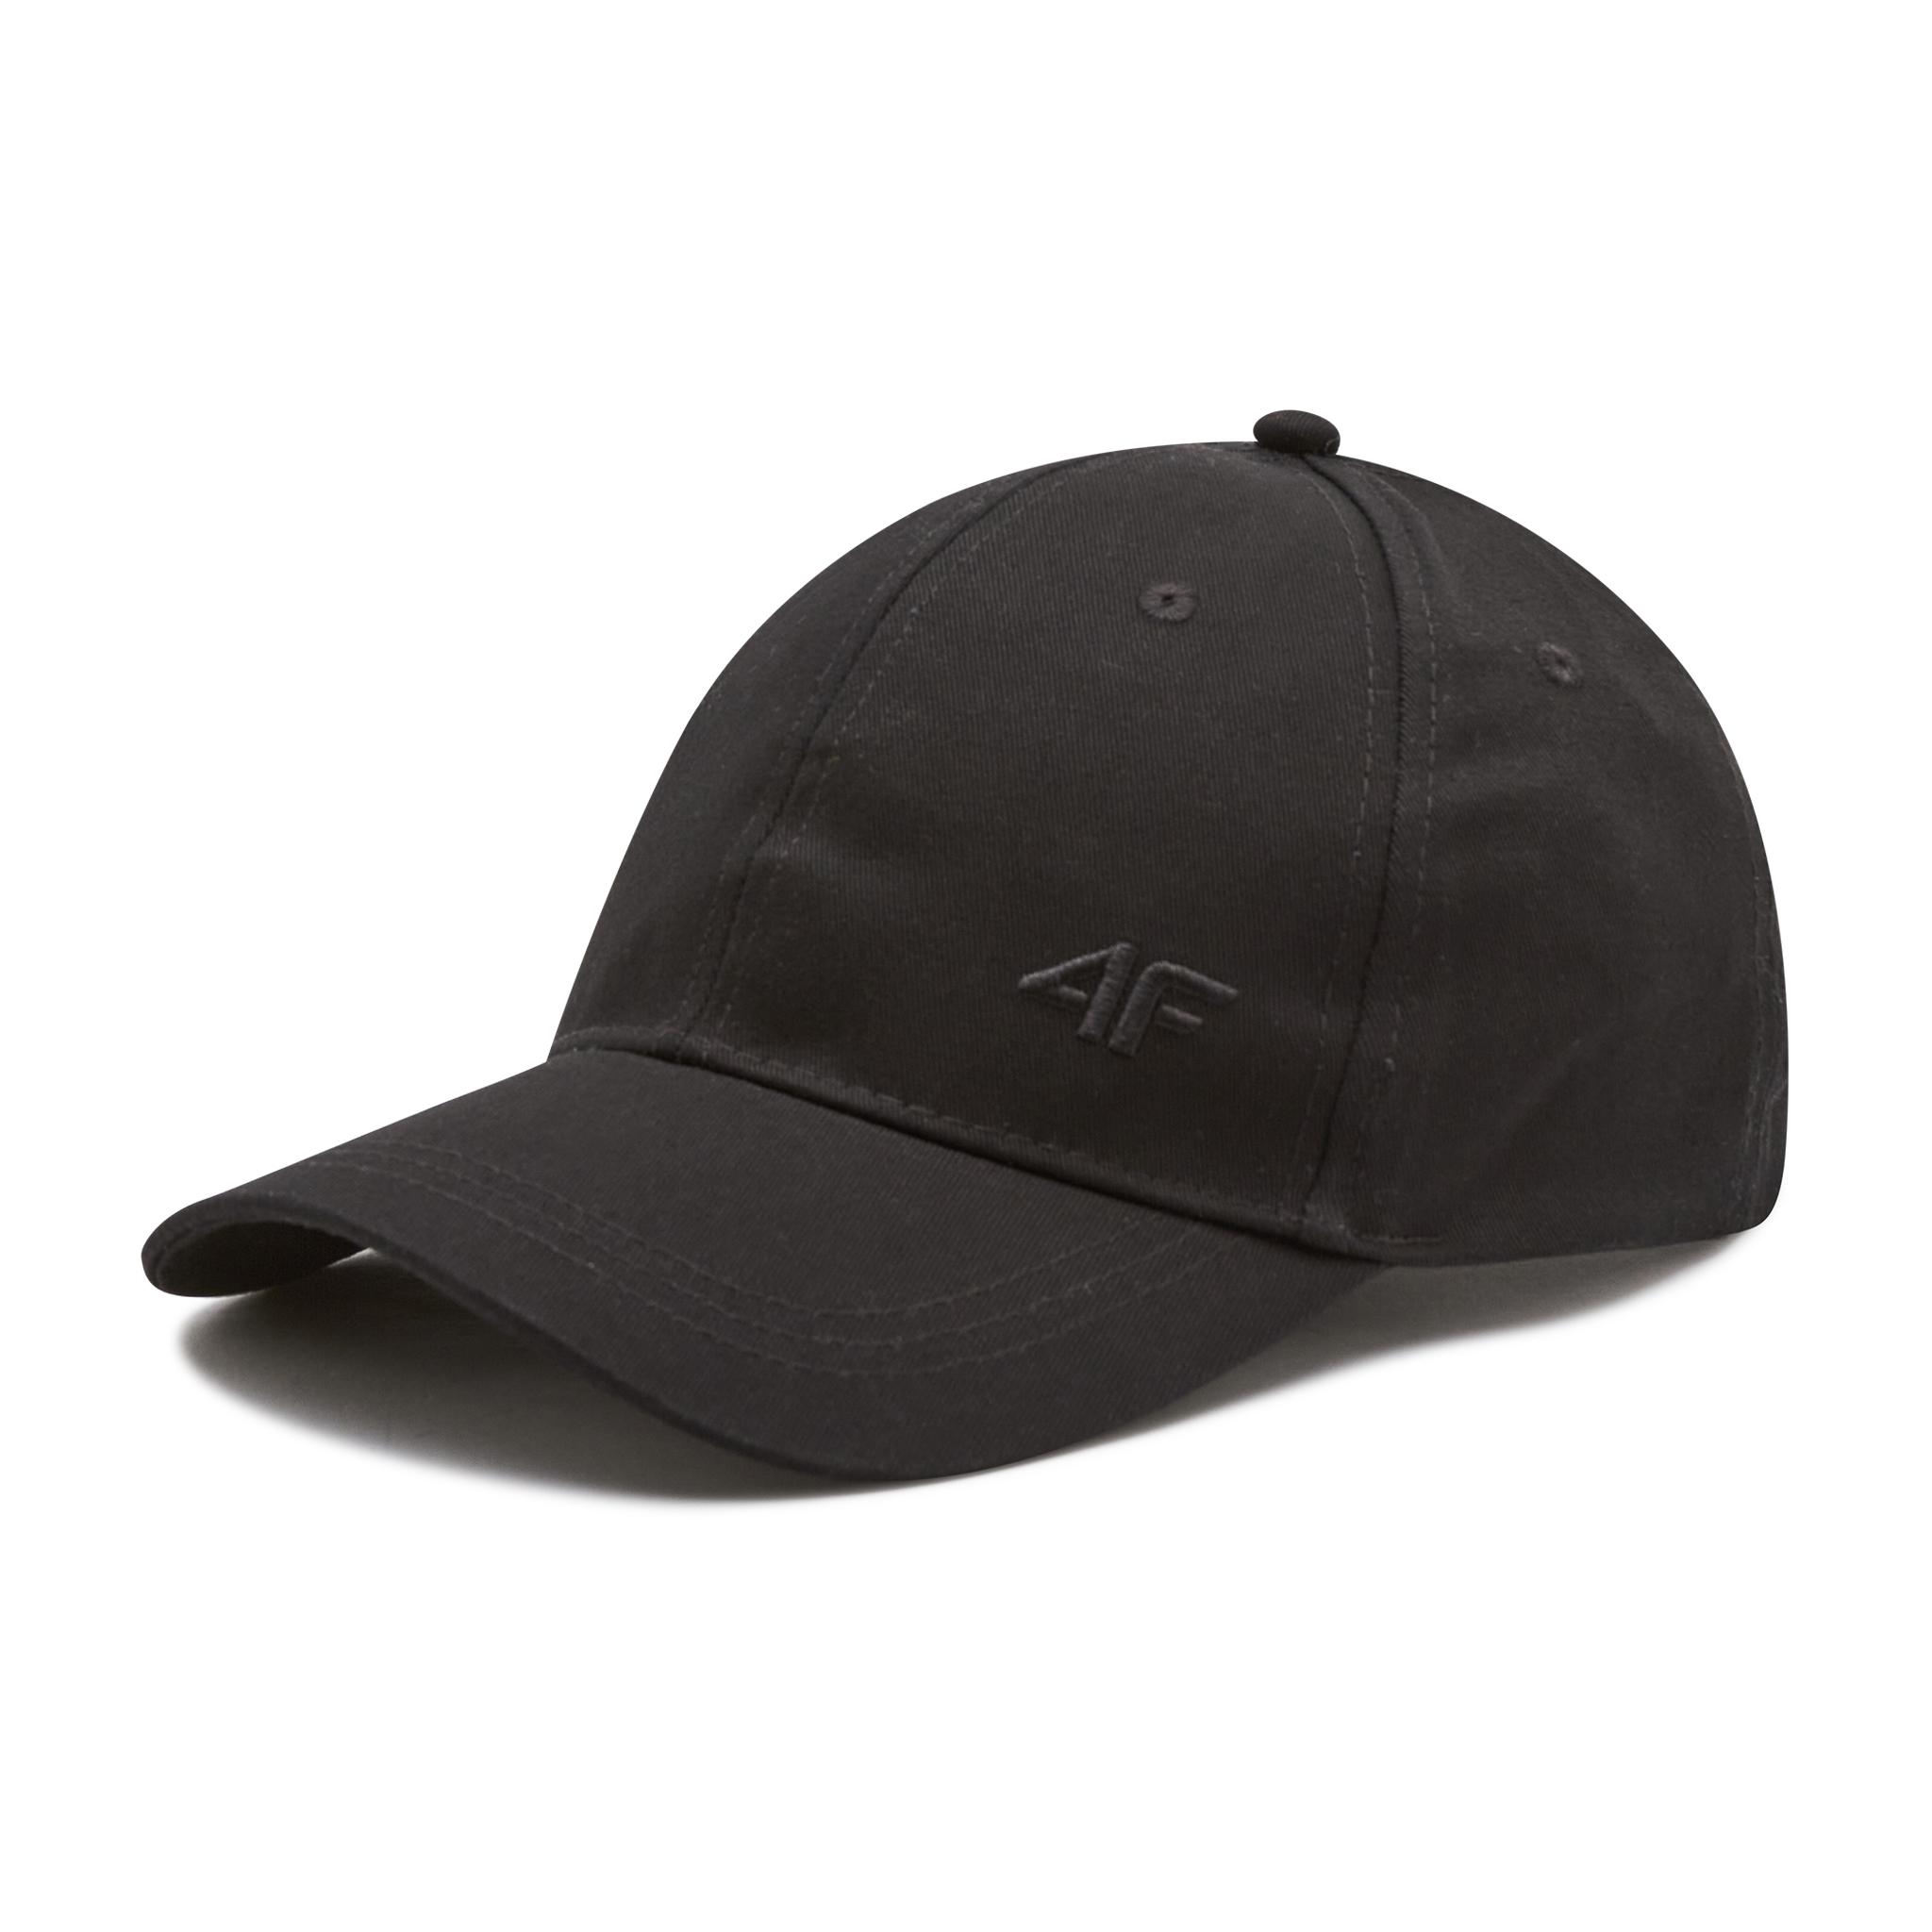 Image of Cap 4F - H4L21 CAD004 20S